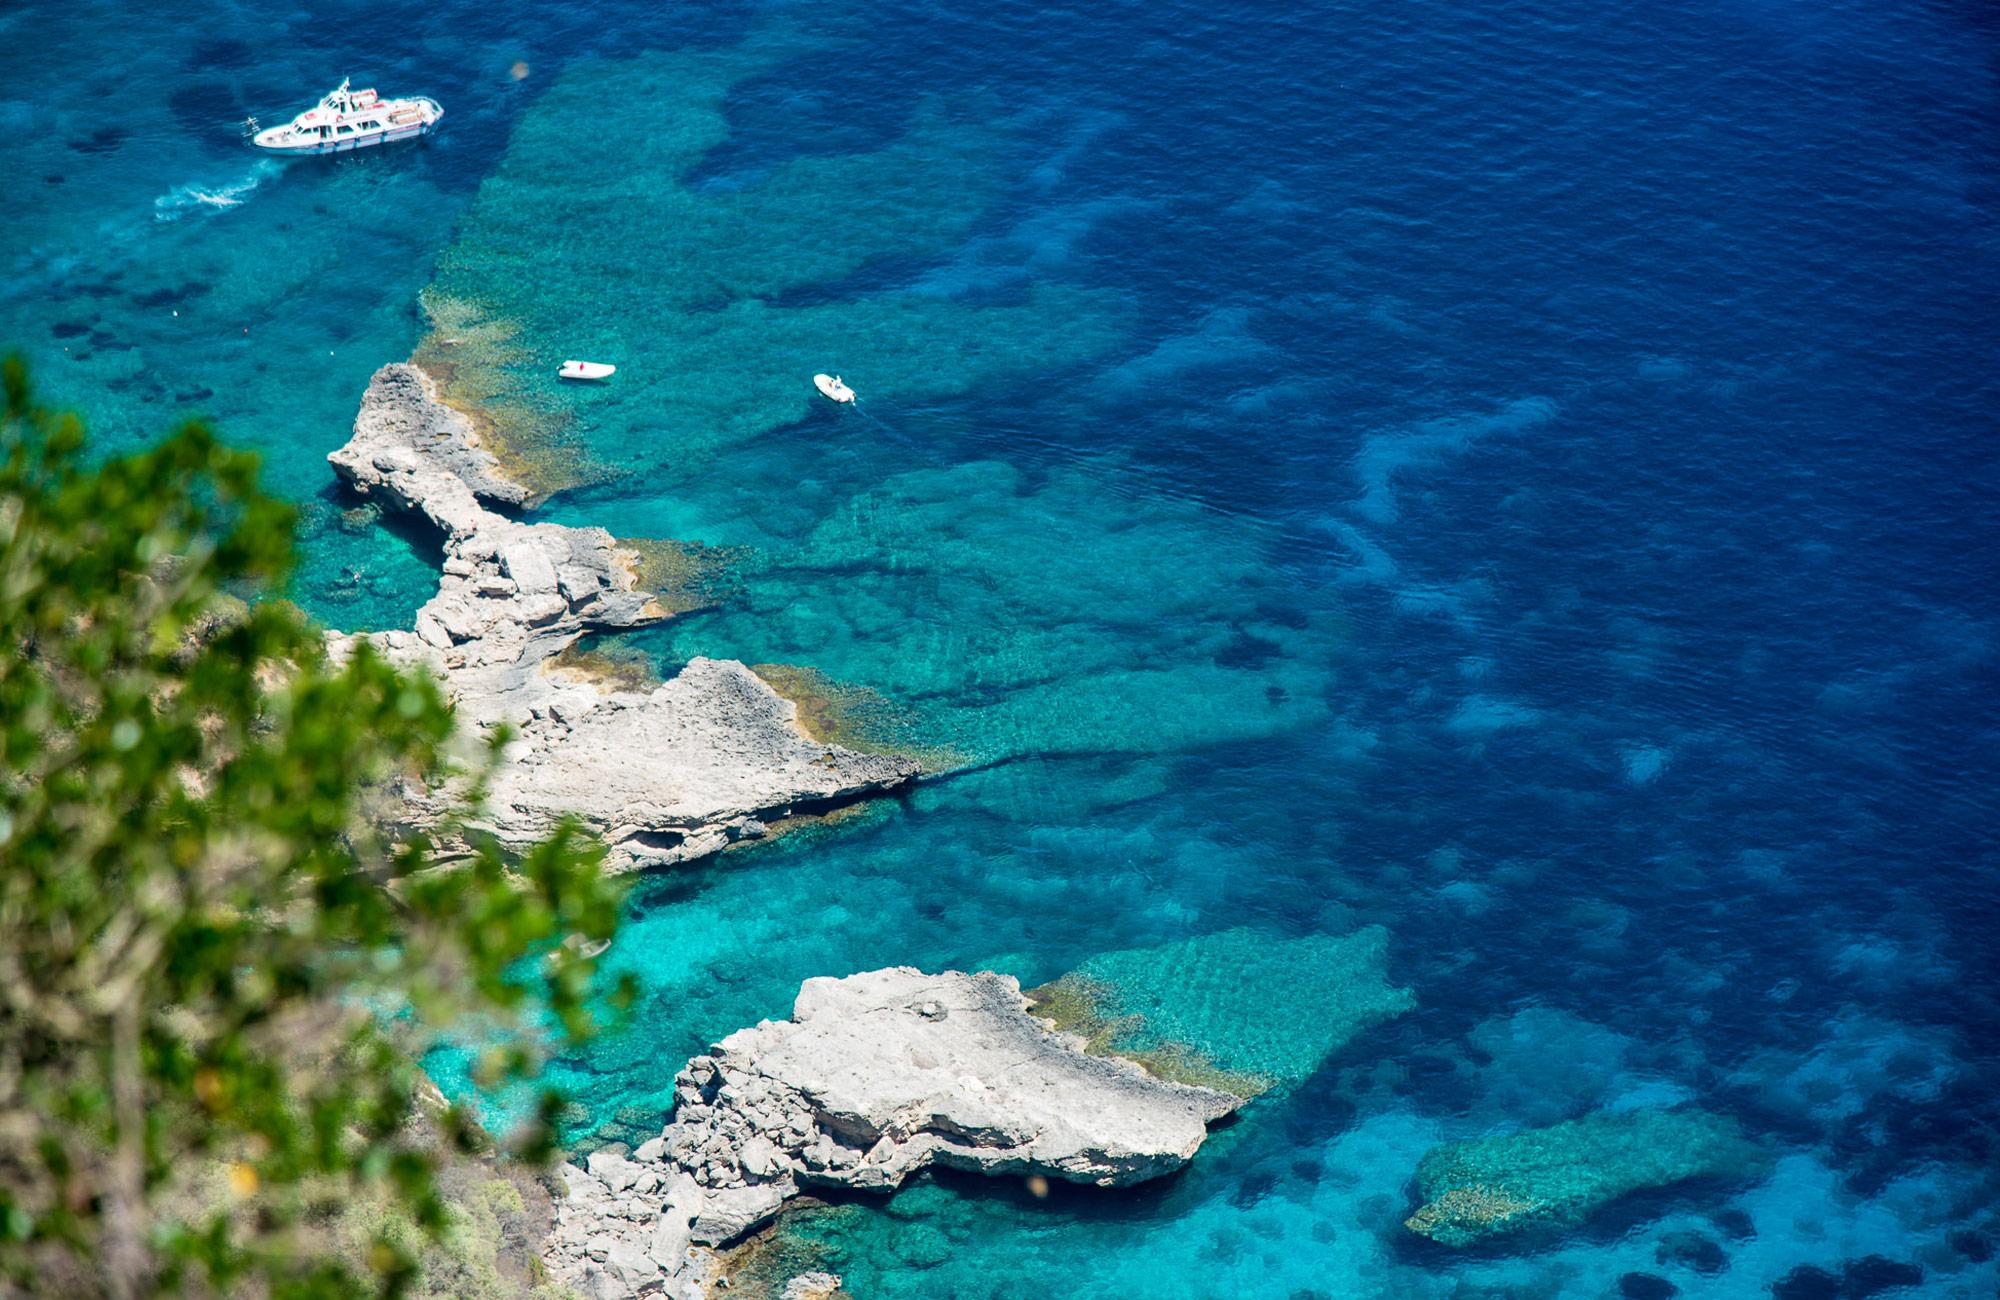 Water views on Moondance Sardinia trip